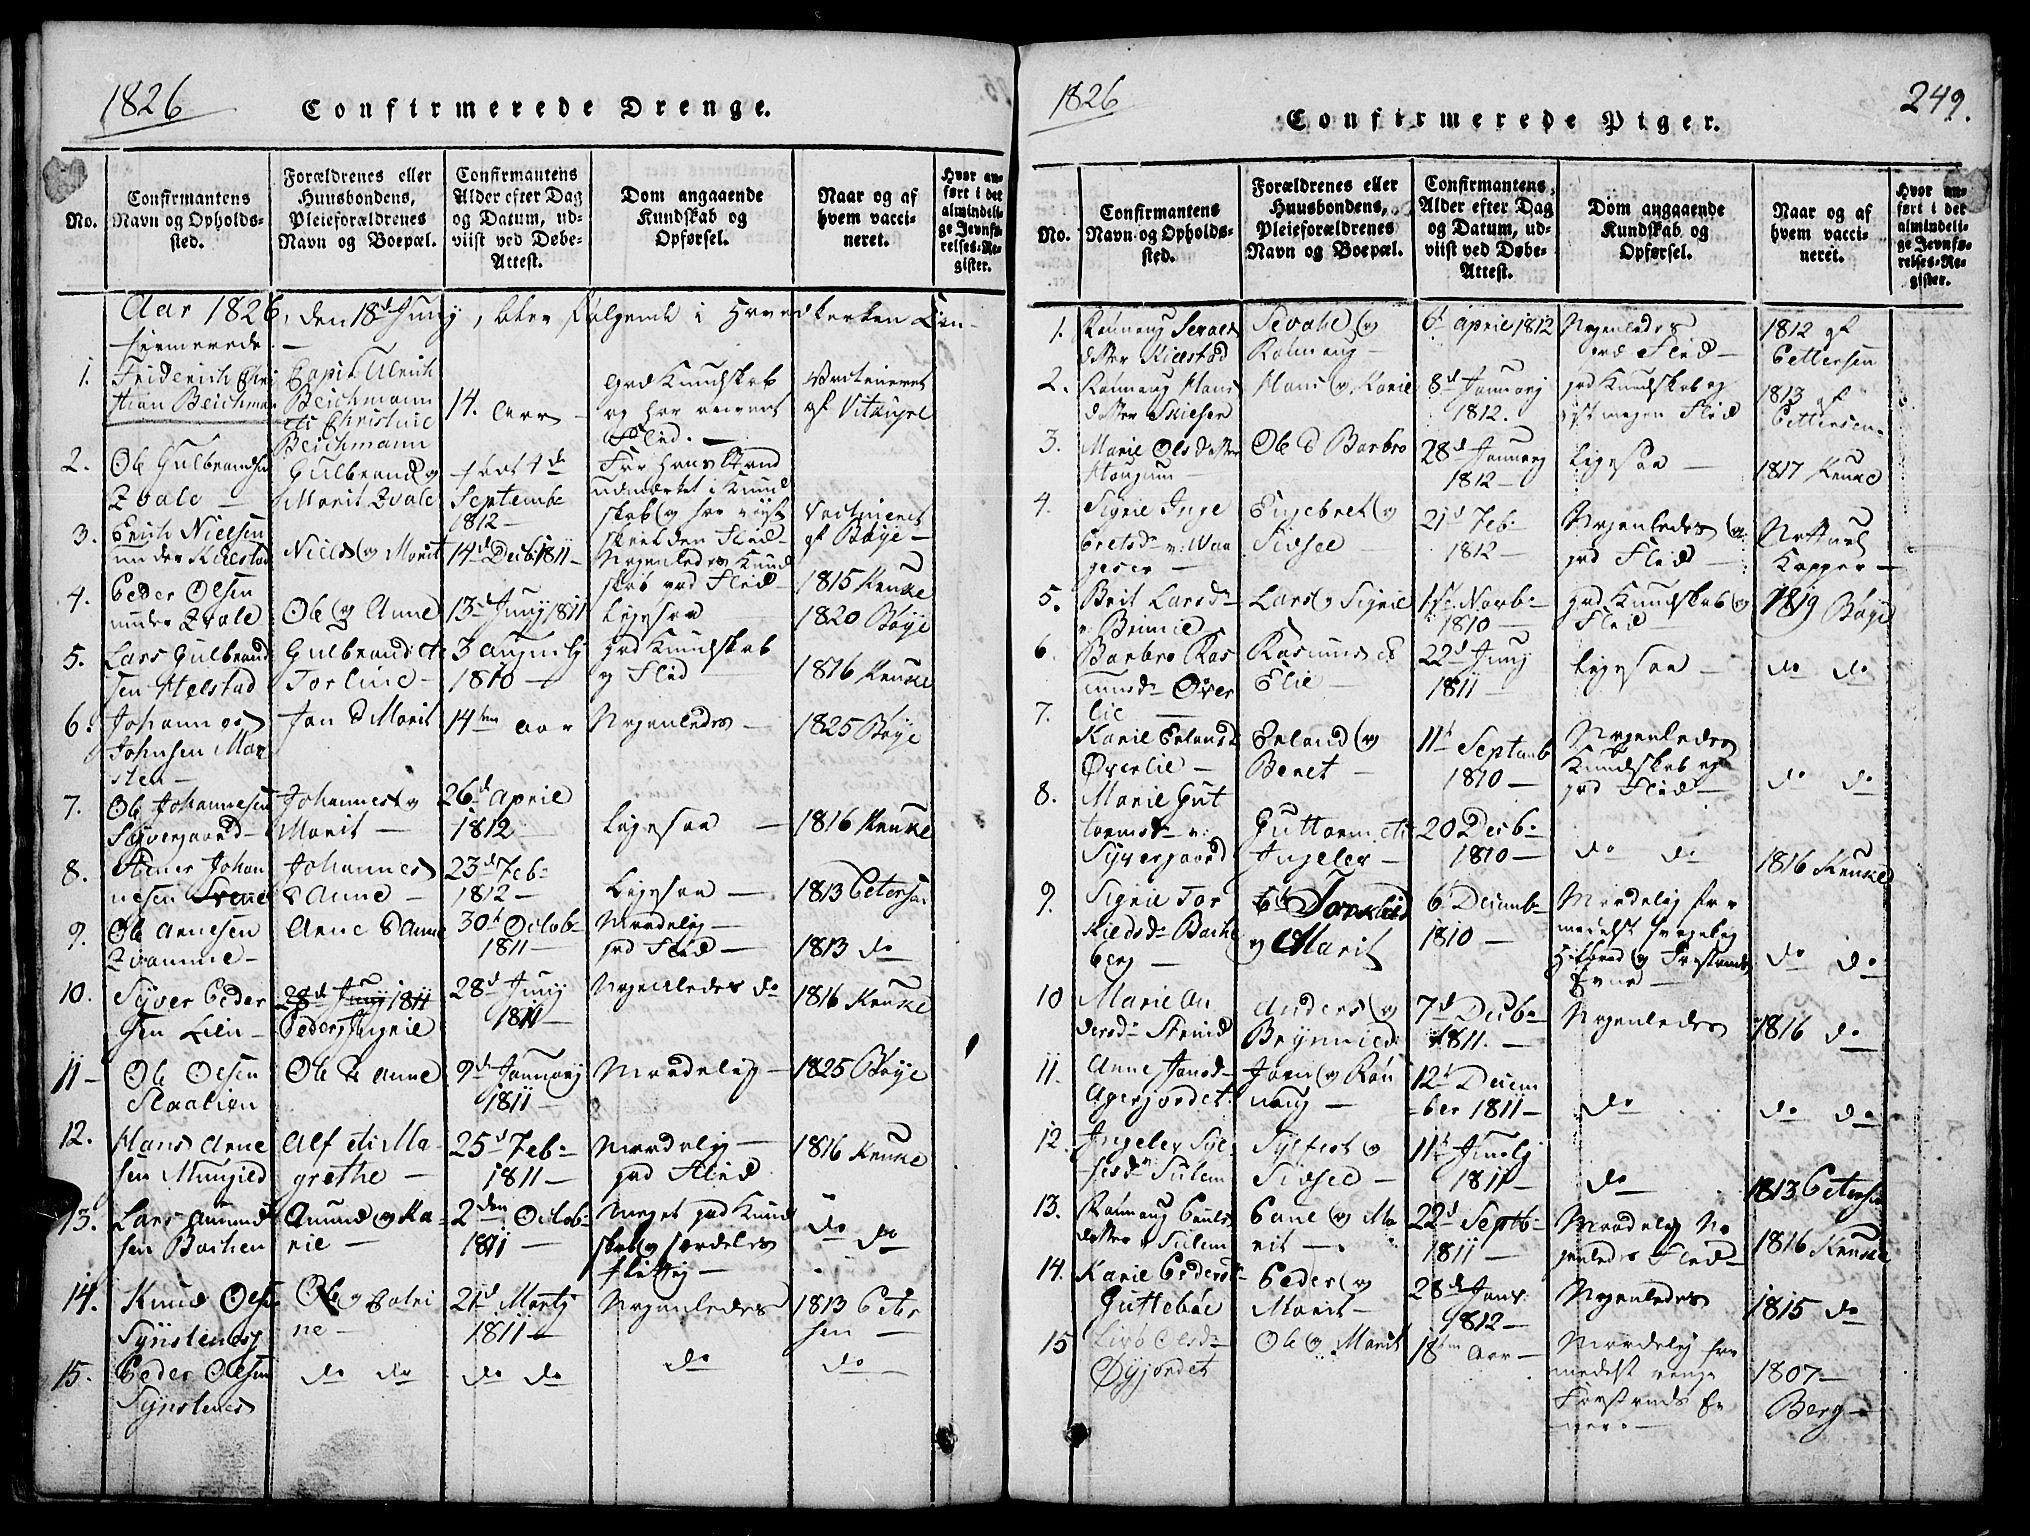 SAH, Lom prestekontor, L/L0001: Klokkerbok nr. 1, 1815-1836, s. 249